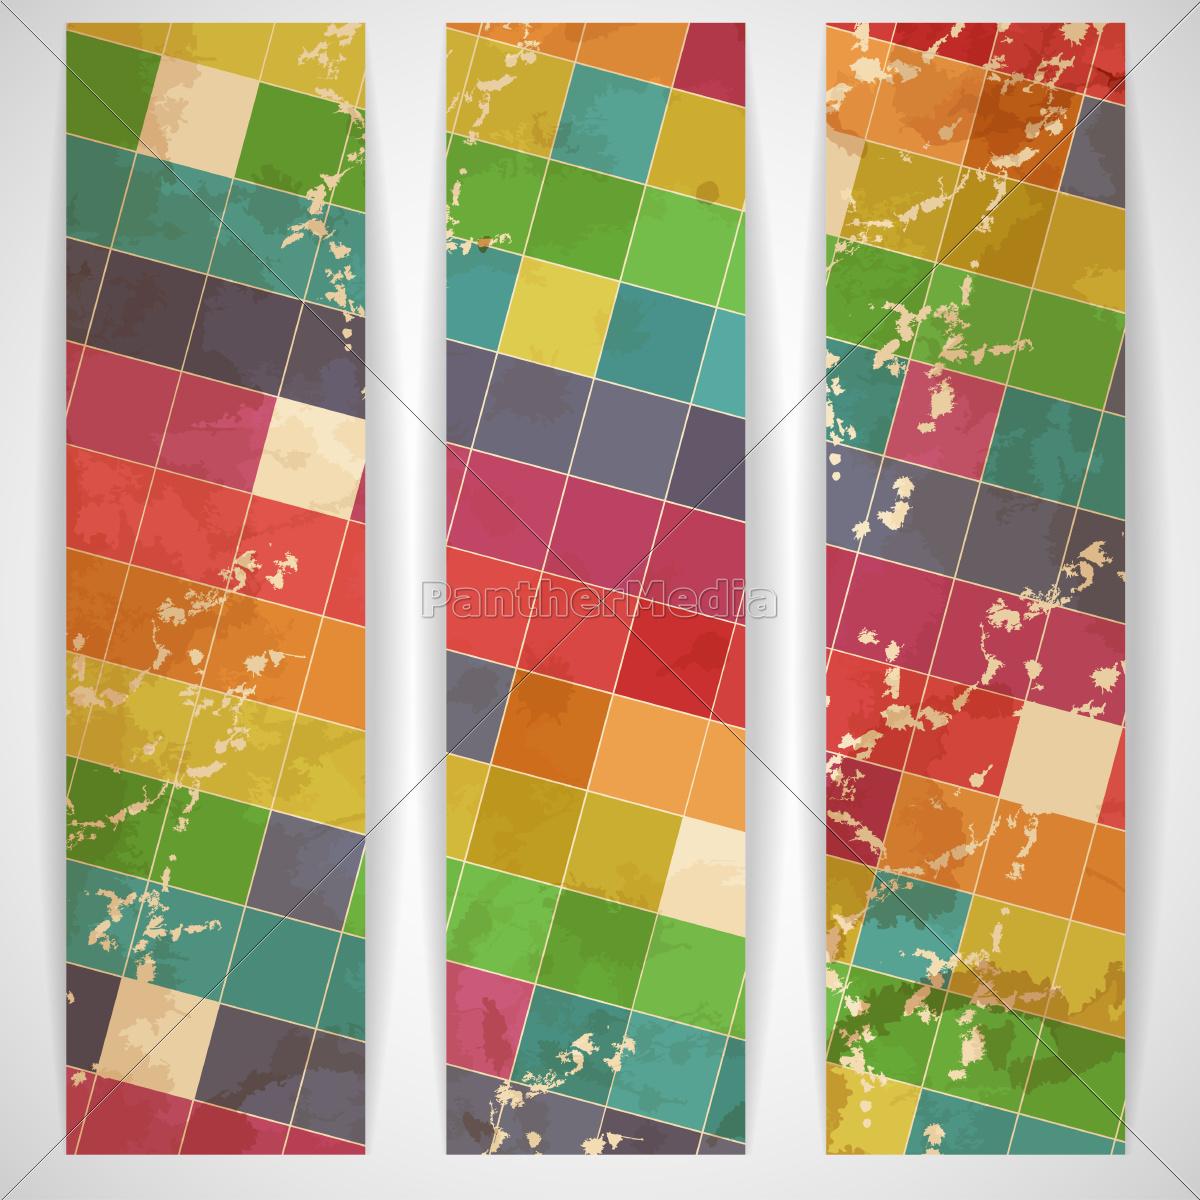 mosaik. - 10169583